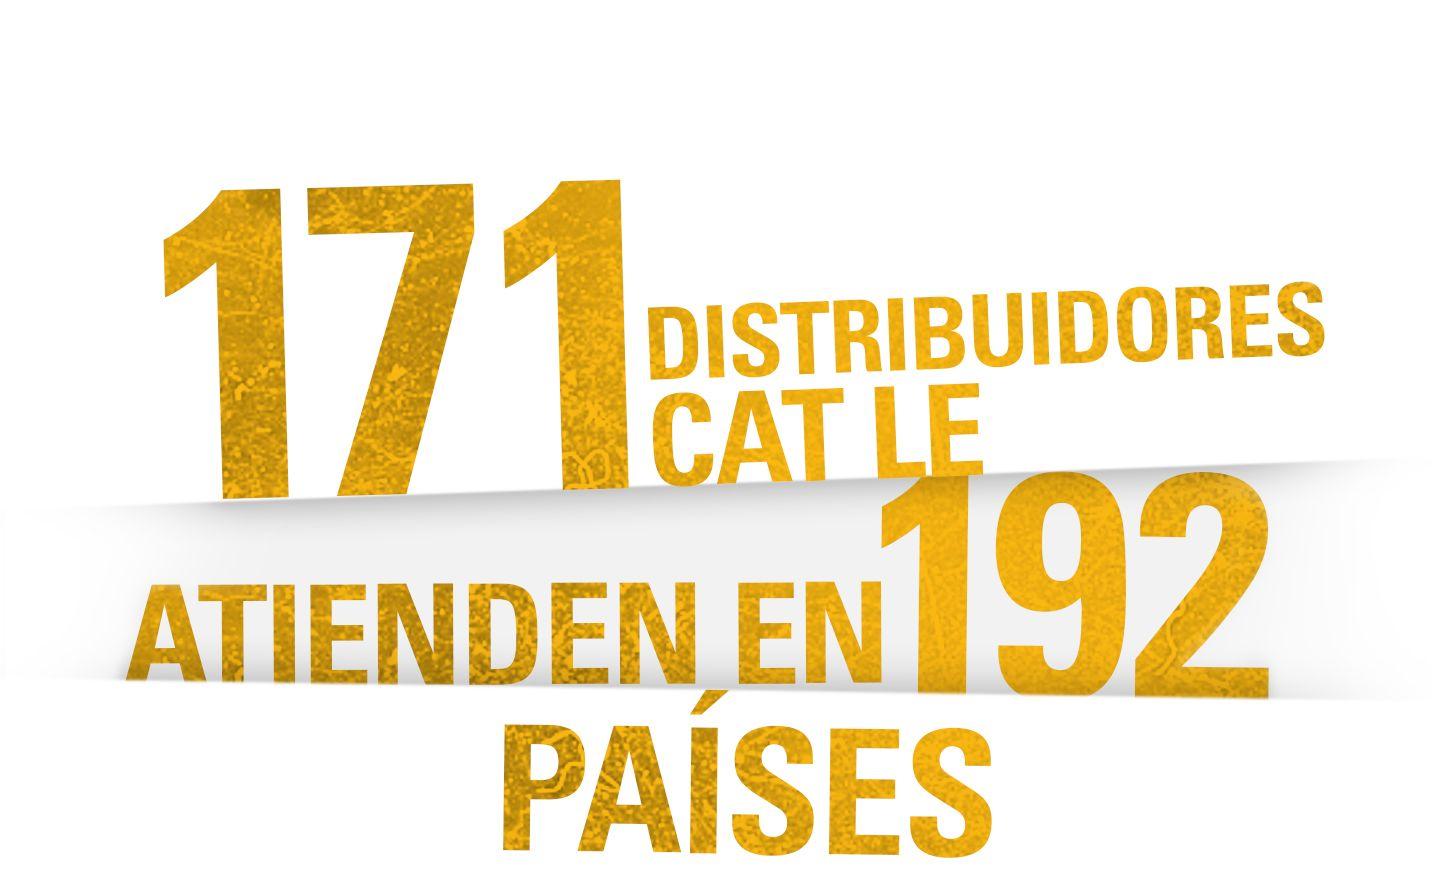 171 DISTRIBUIDORES CAT LE ATIENDEN EN 192 PAÍSES